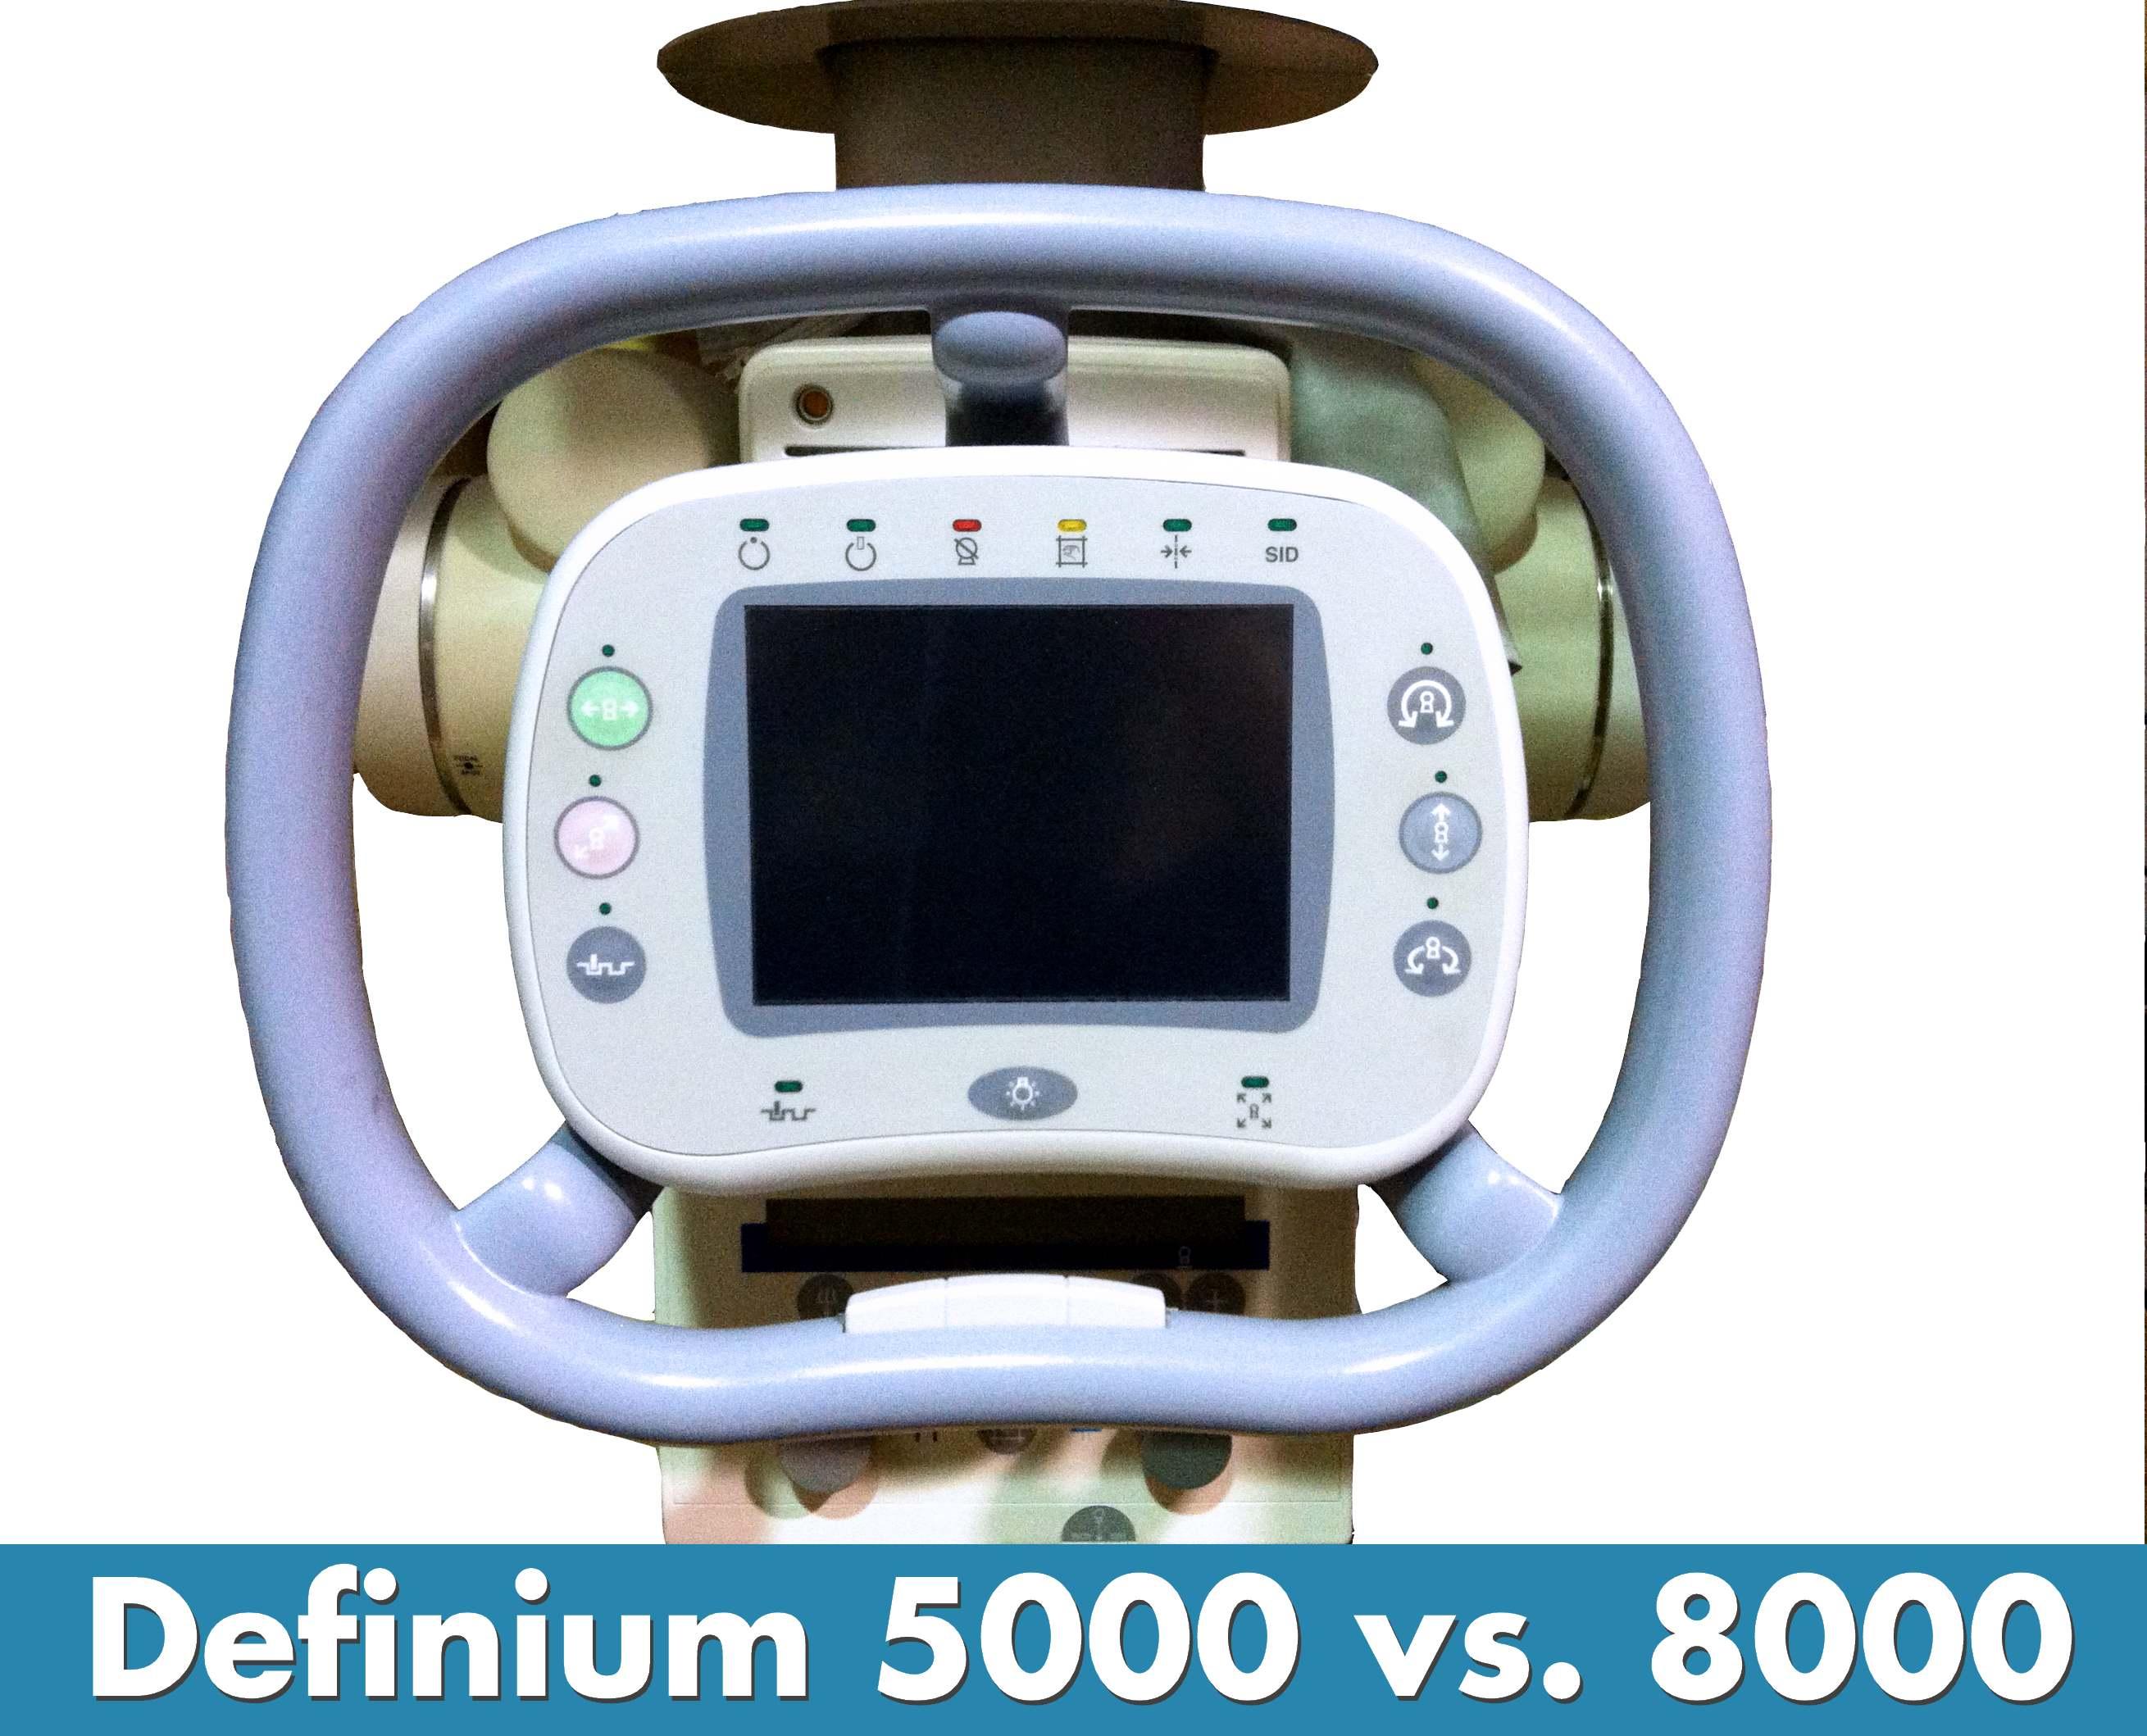 Definium 8000 OTS 001 Ed